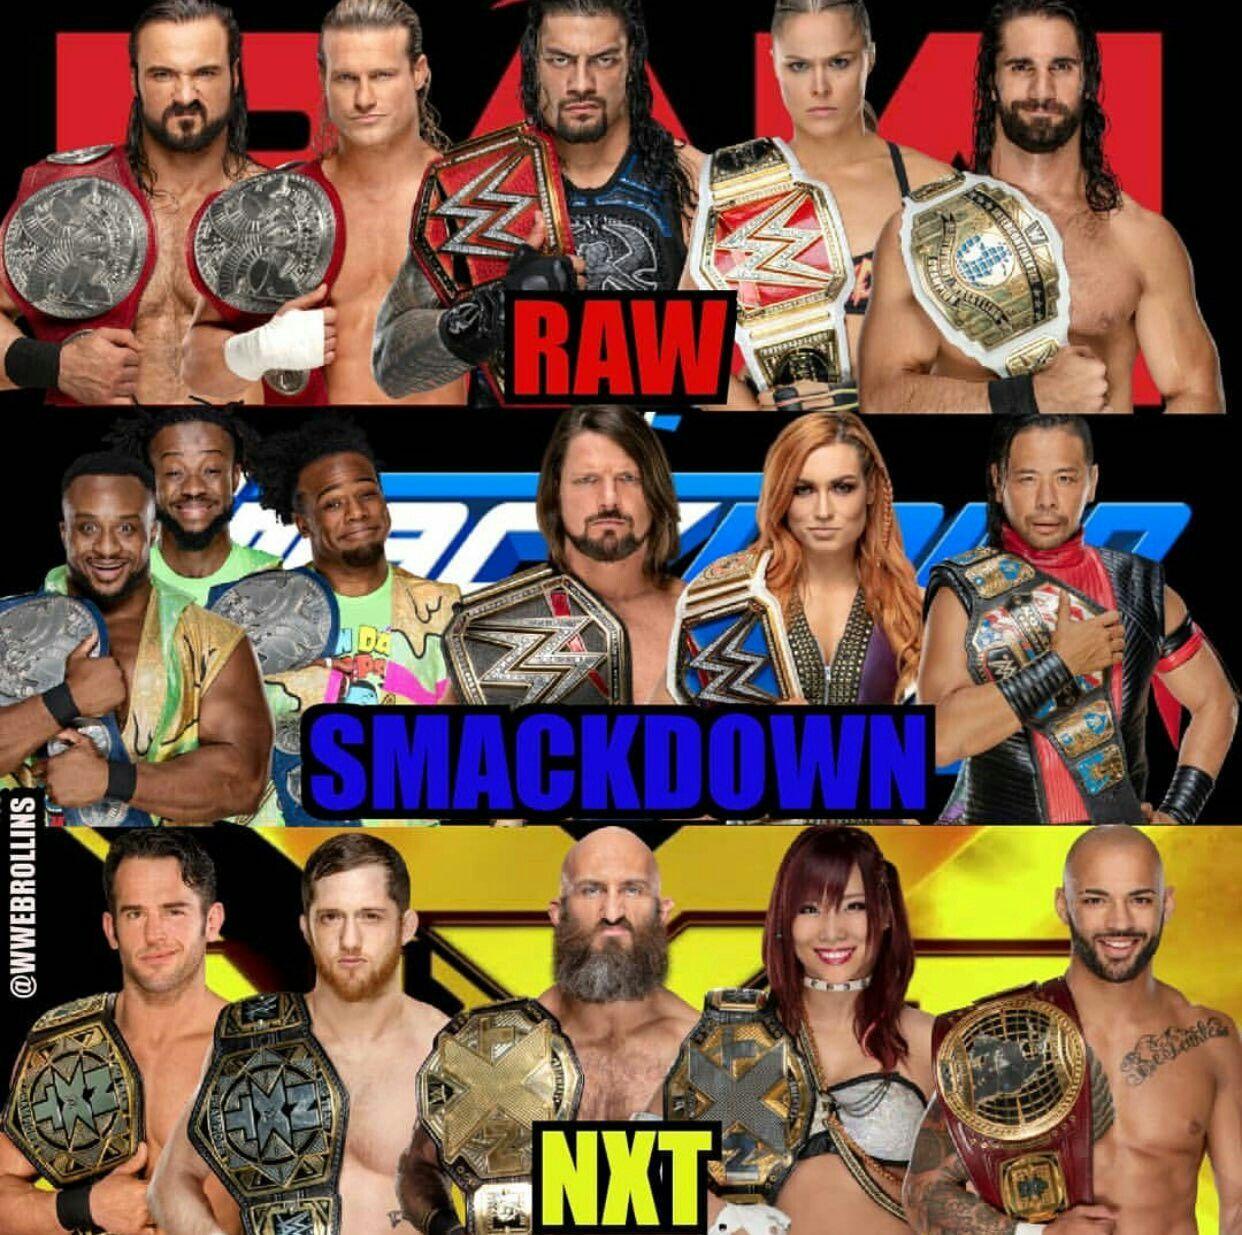 PEYTON ROYCE Collage Poster WWE